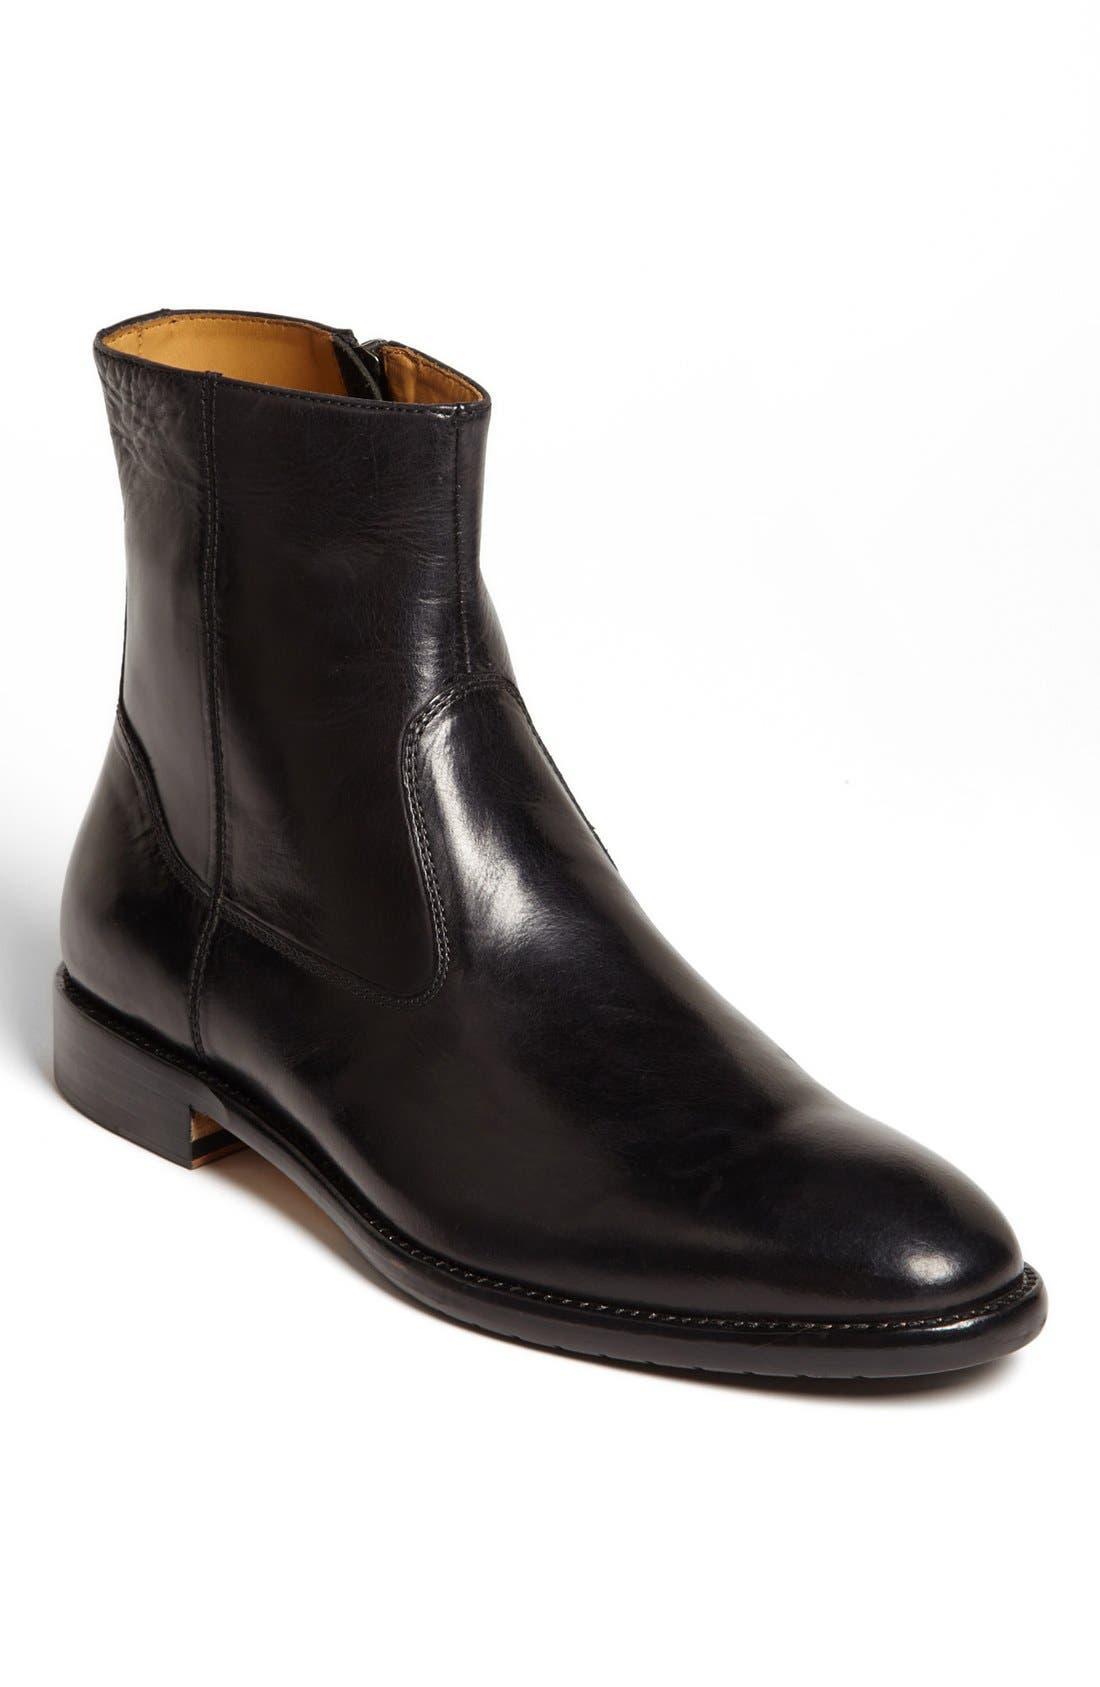 Main Image - Gordon Rush 'Stanton' Zip Boot